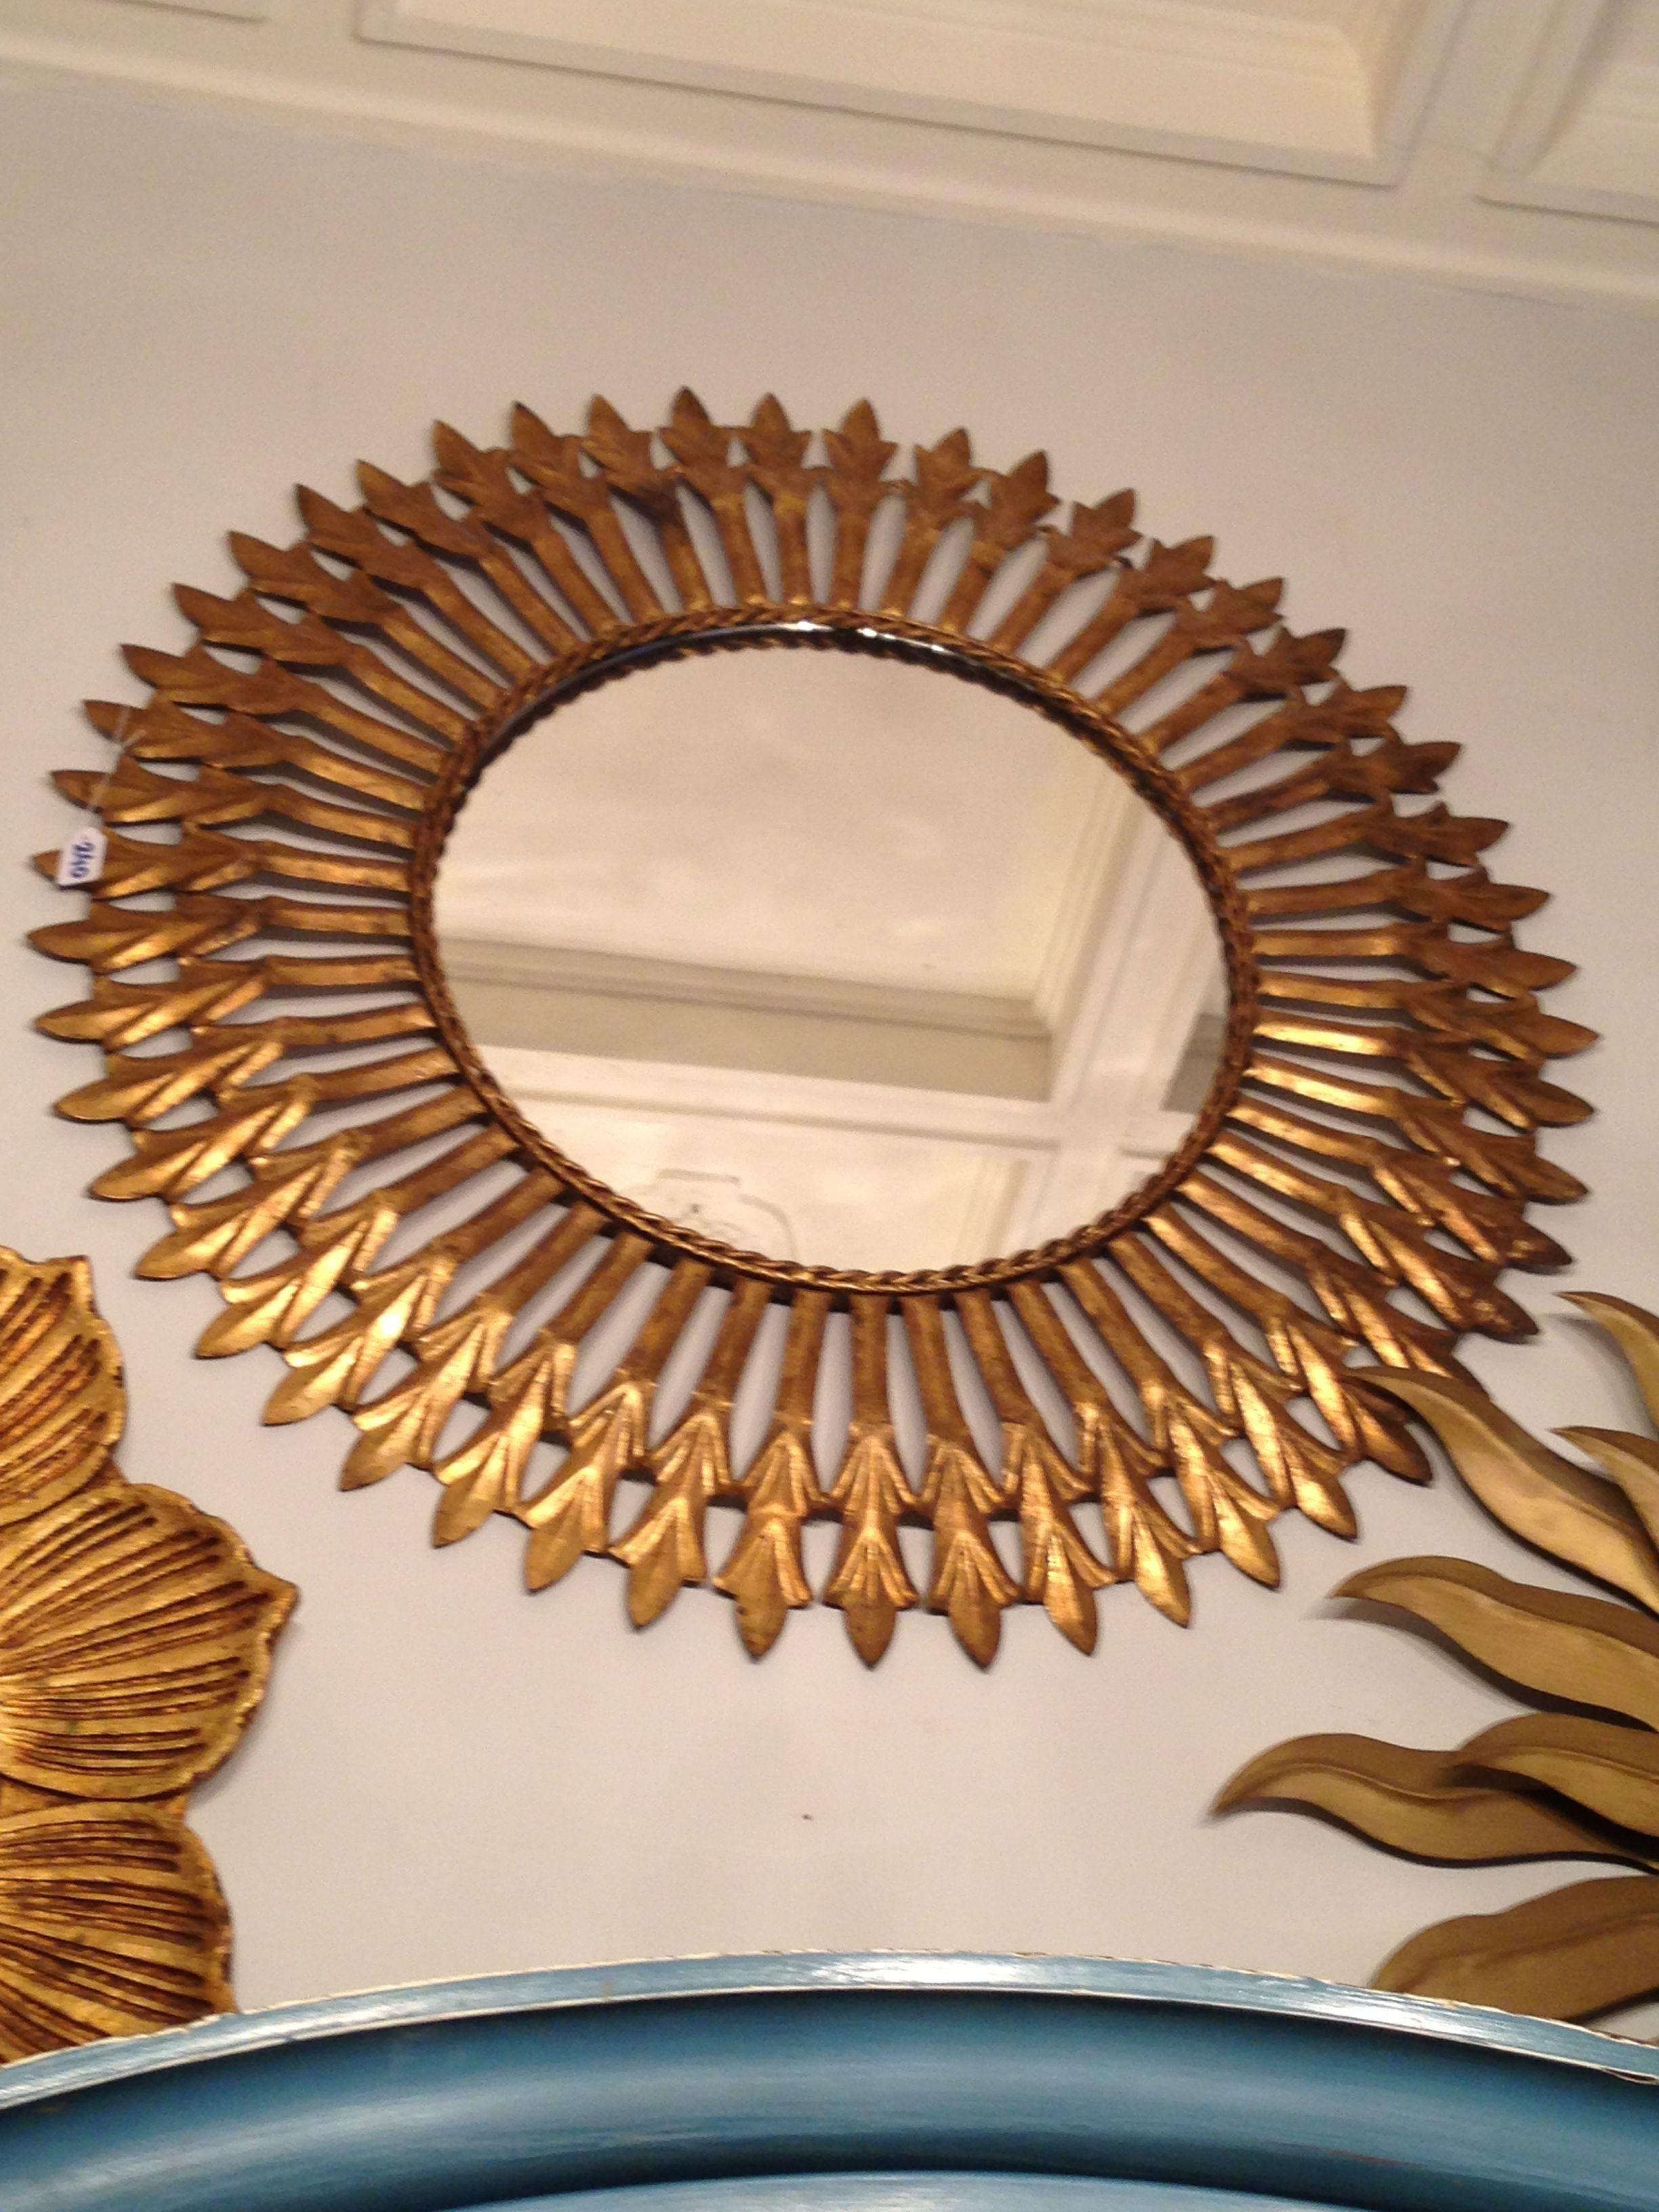 Espejo sol dorado vintage pinterest vintage - Espejo sol dorado ...